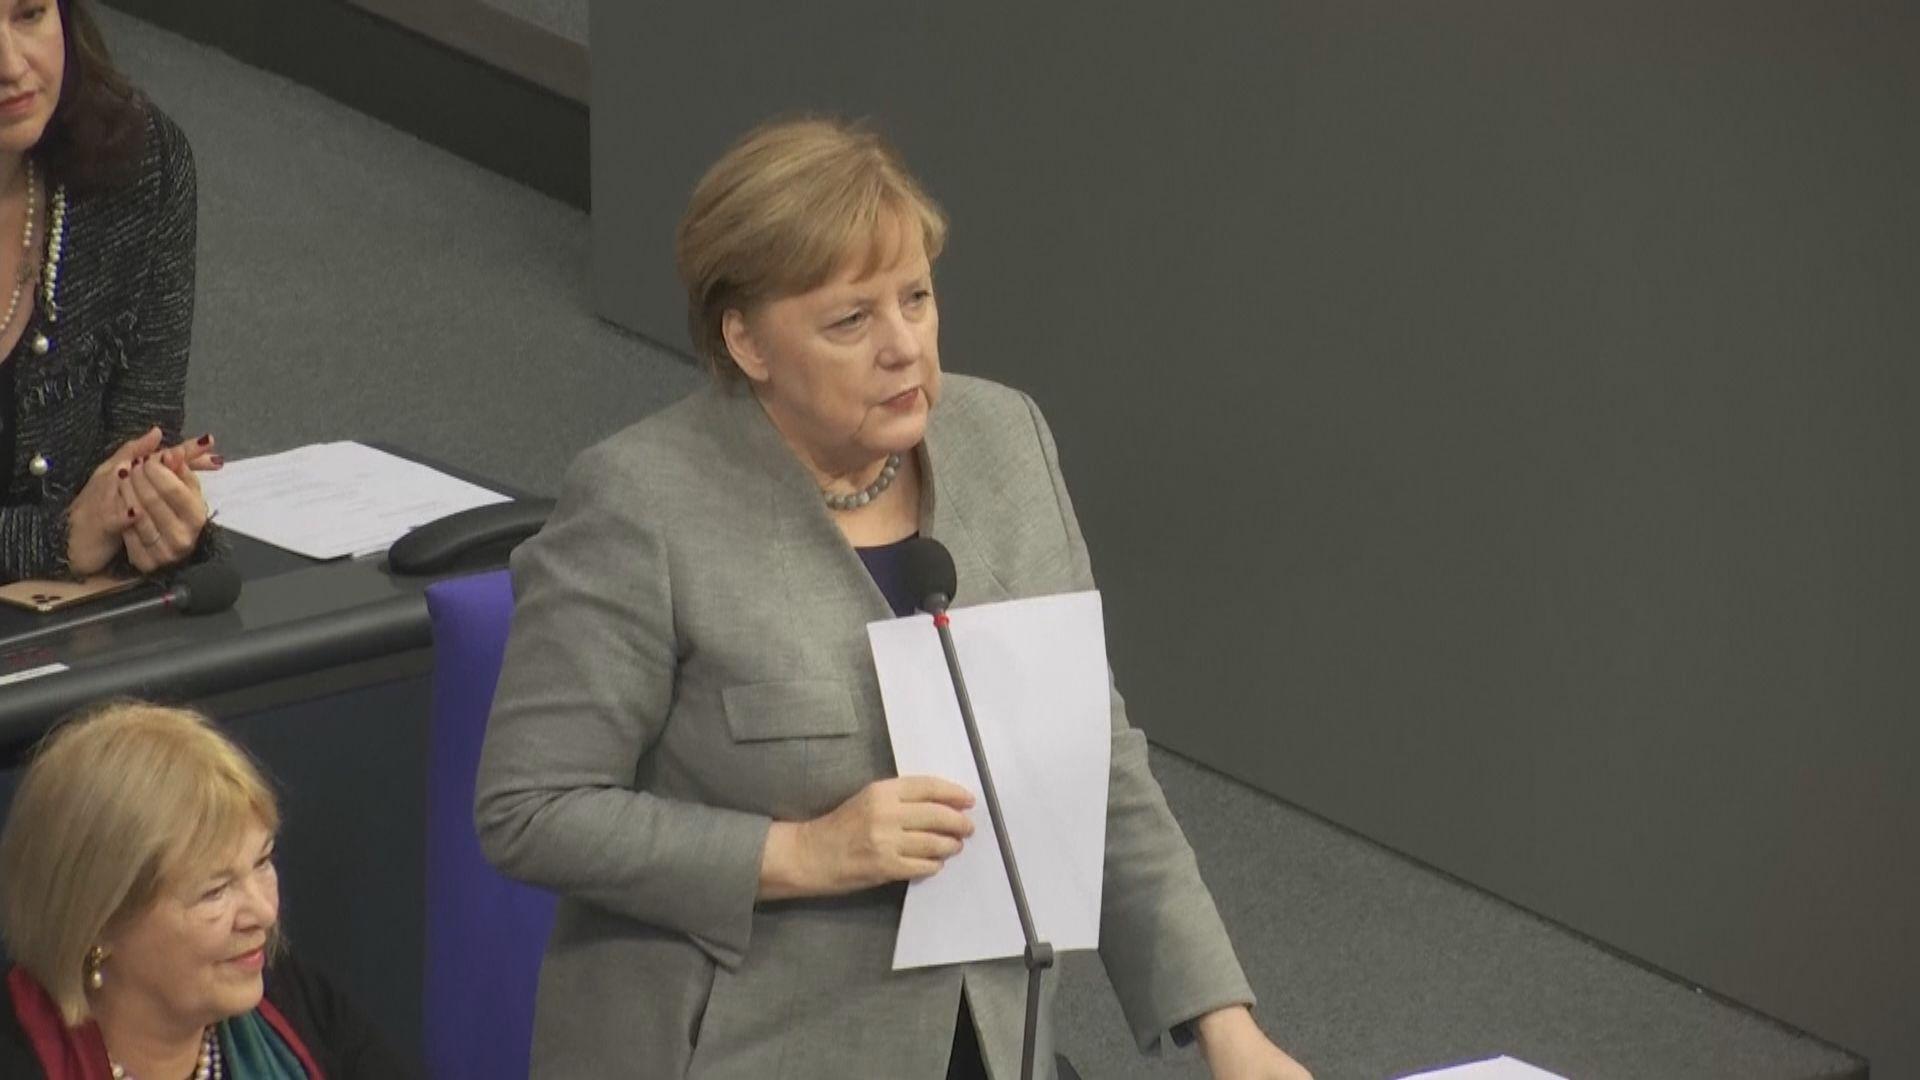 默克爾稱無人提及中方就華為向德國施壓